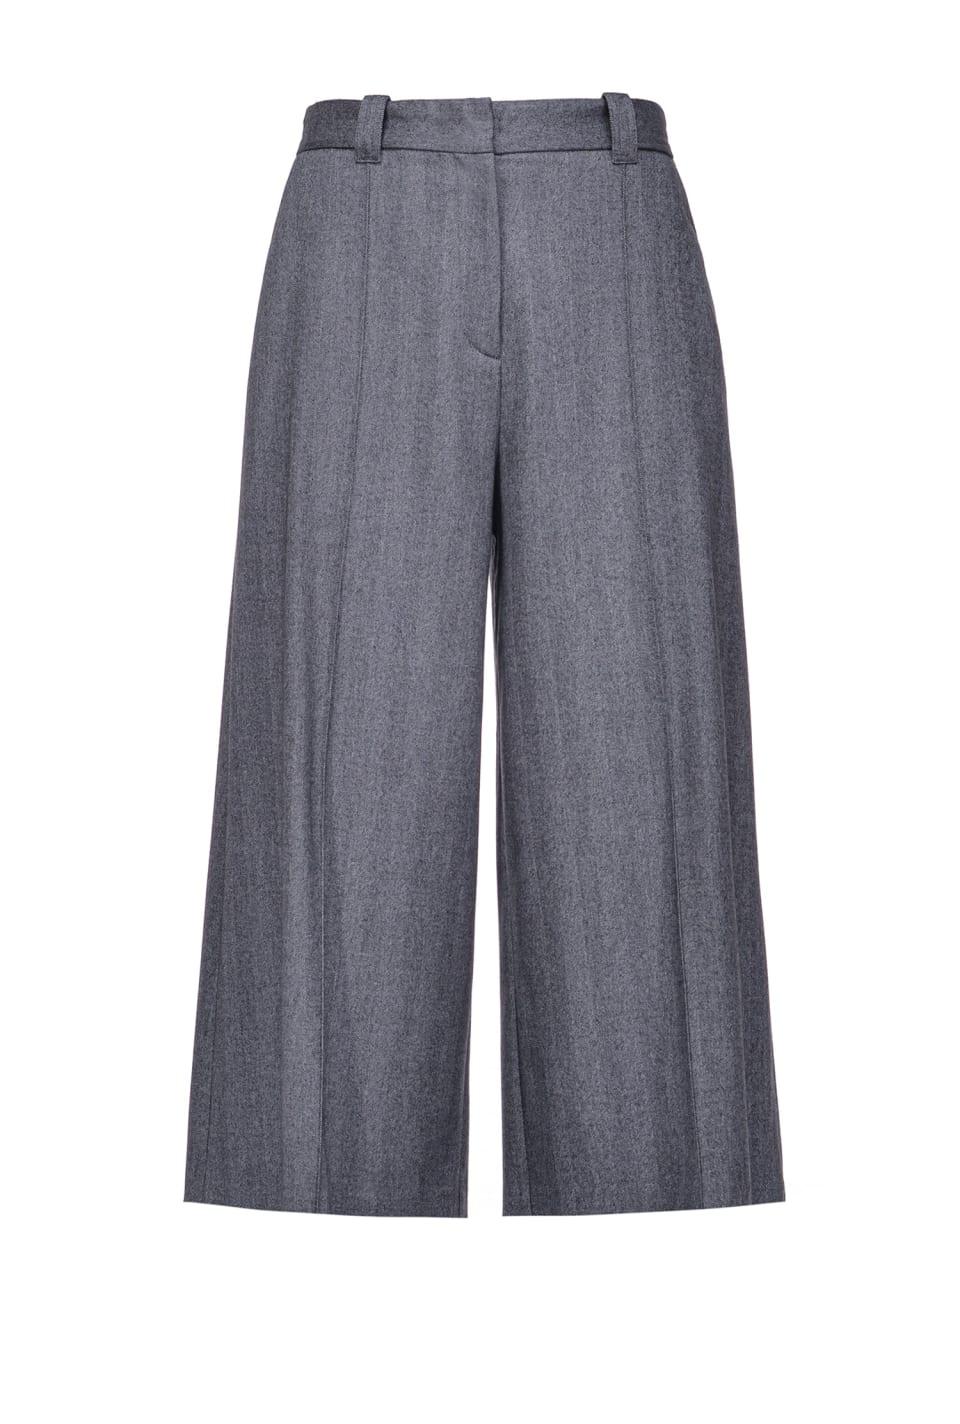 Pantalón culotte motivo chevrón - Pinko